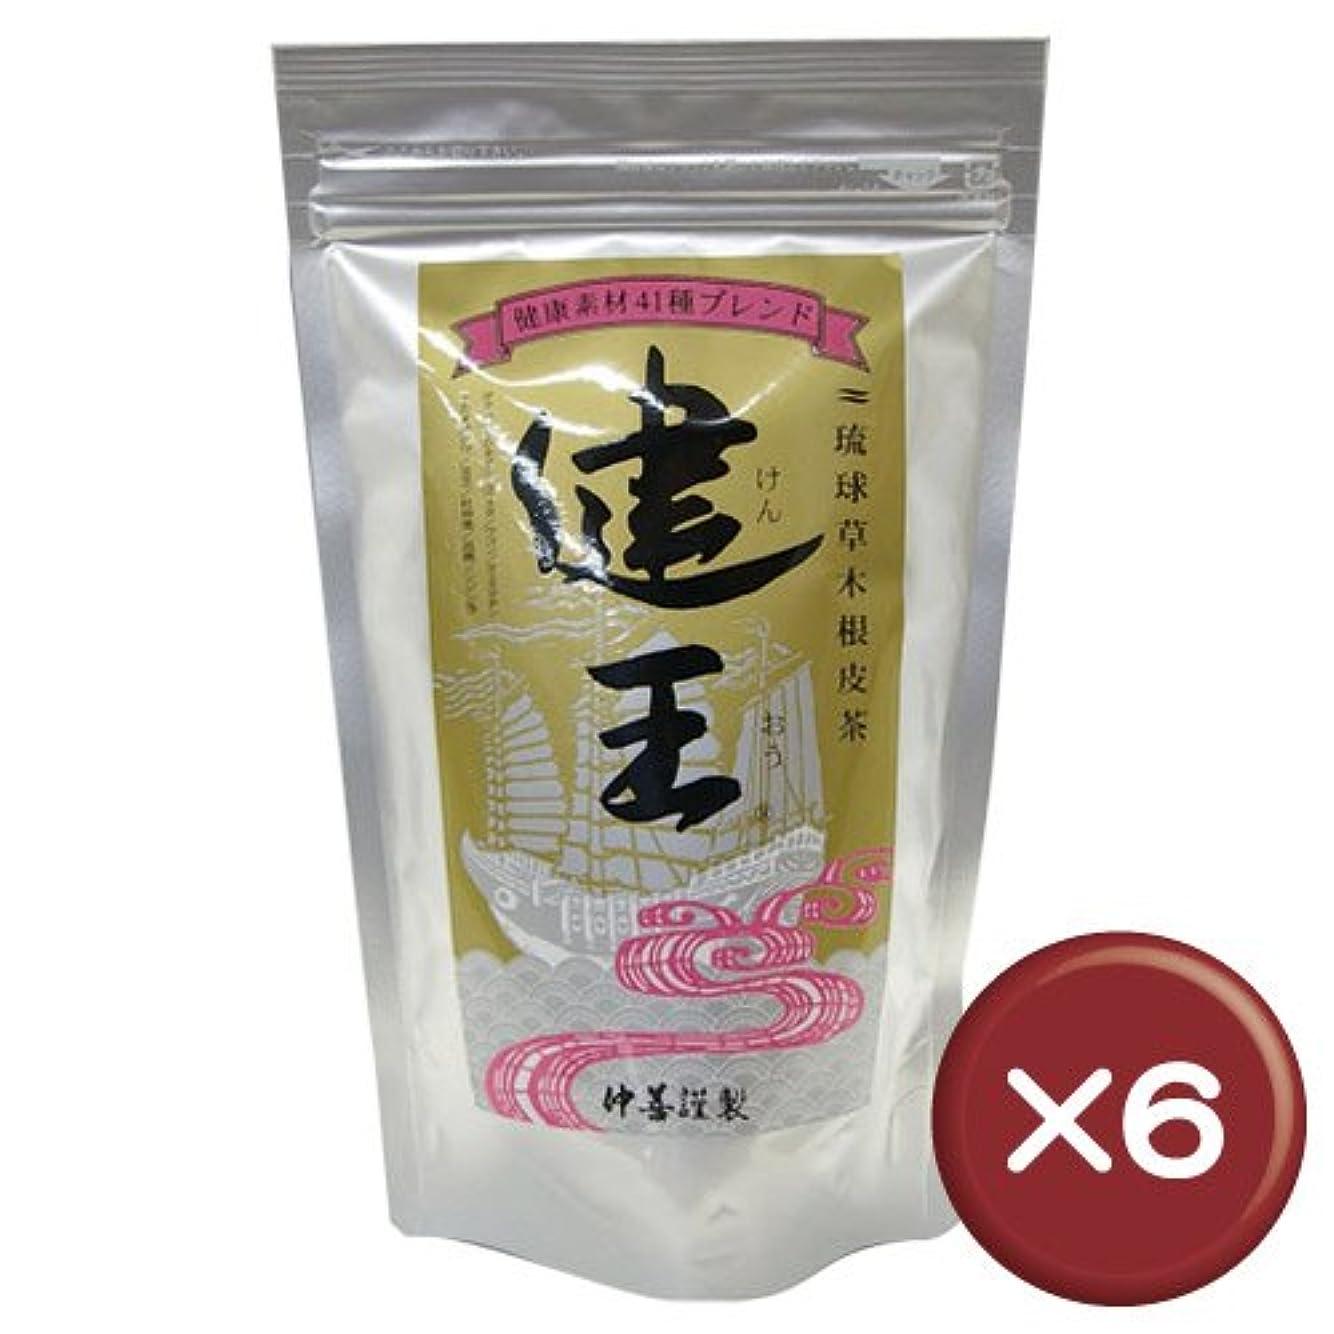 示すエリートアンビエント琉球草木根皮茶 健王 ティーバッグ 2g×30包 6個セット